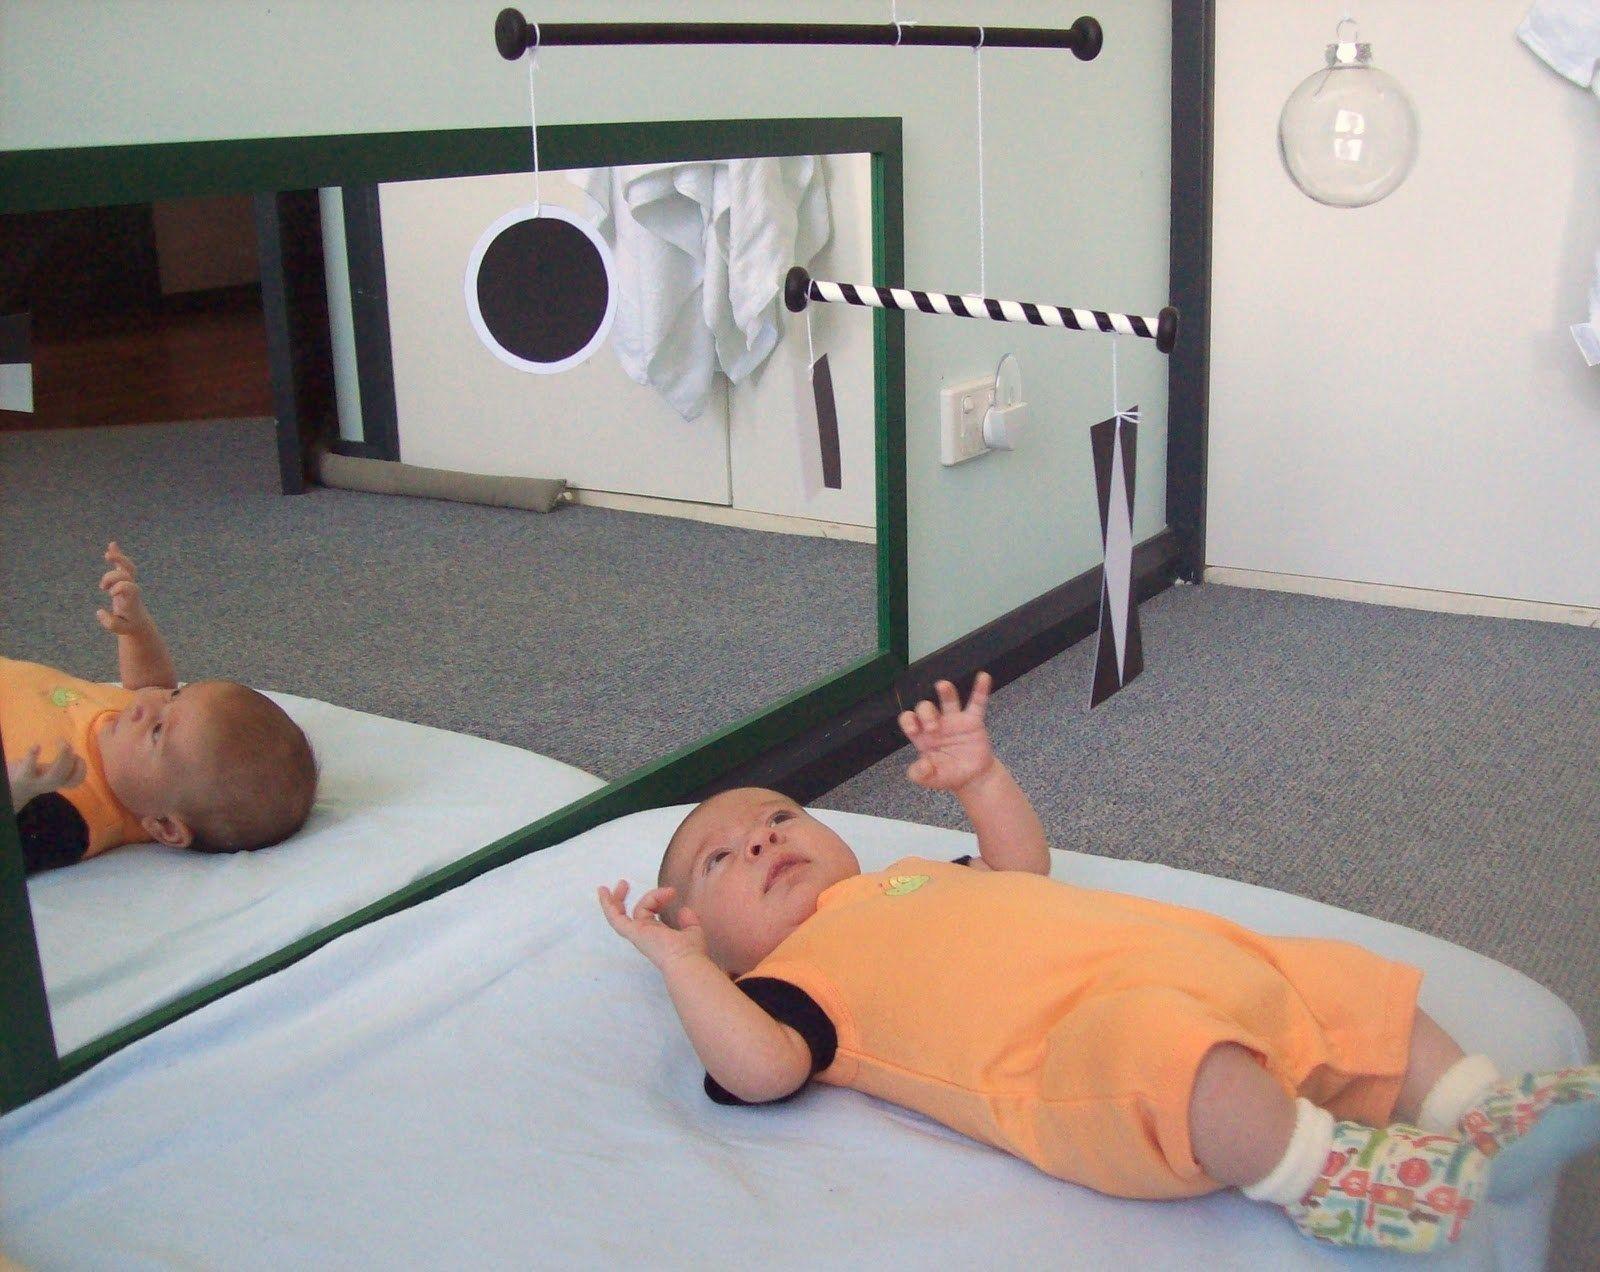 Jeux Montessori Pour Enfants De 0 À 6 Mois | Crèche Et Halte à Bebe 6 Mois Eveil